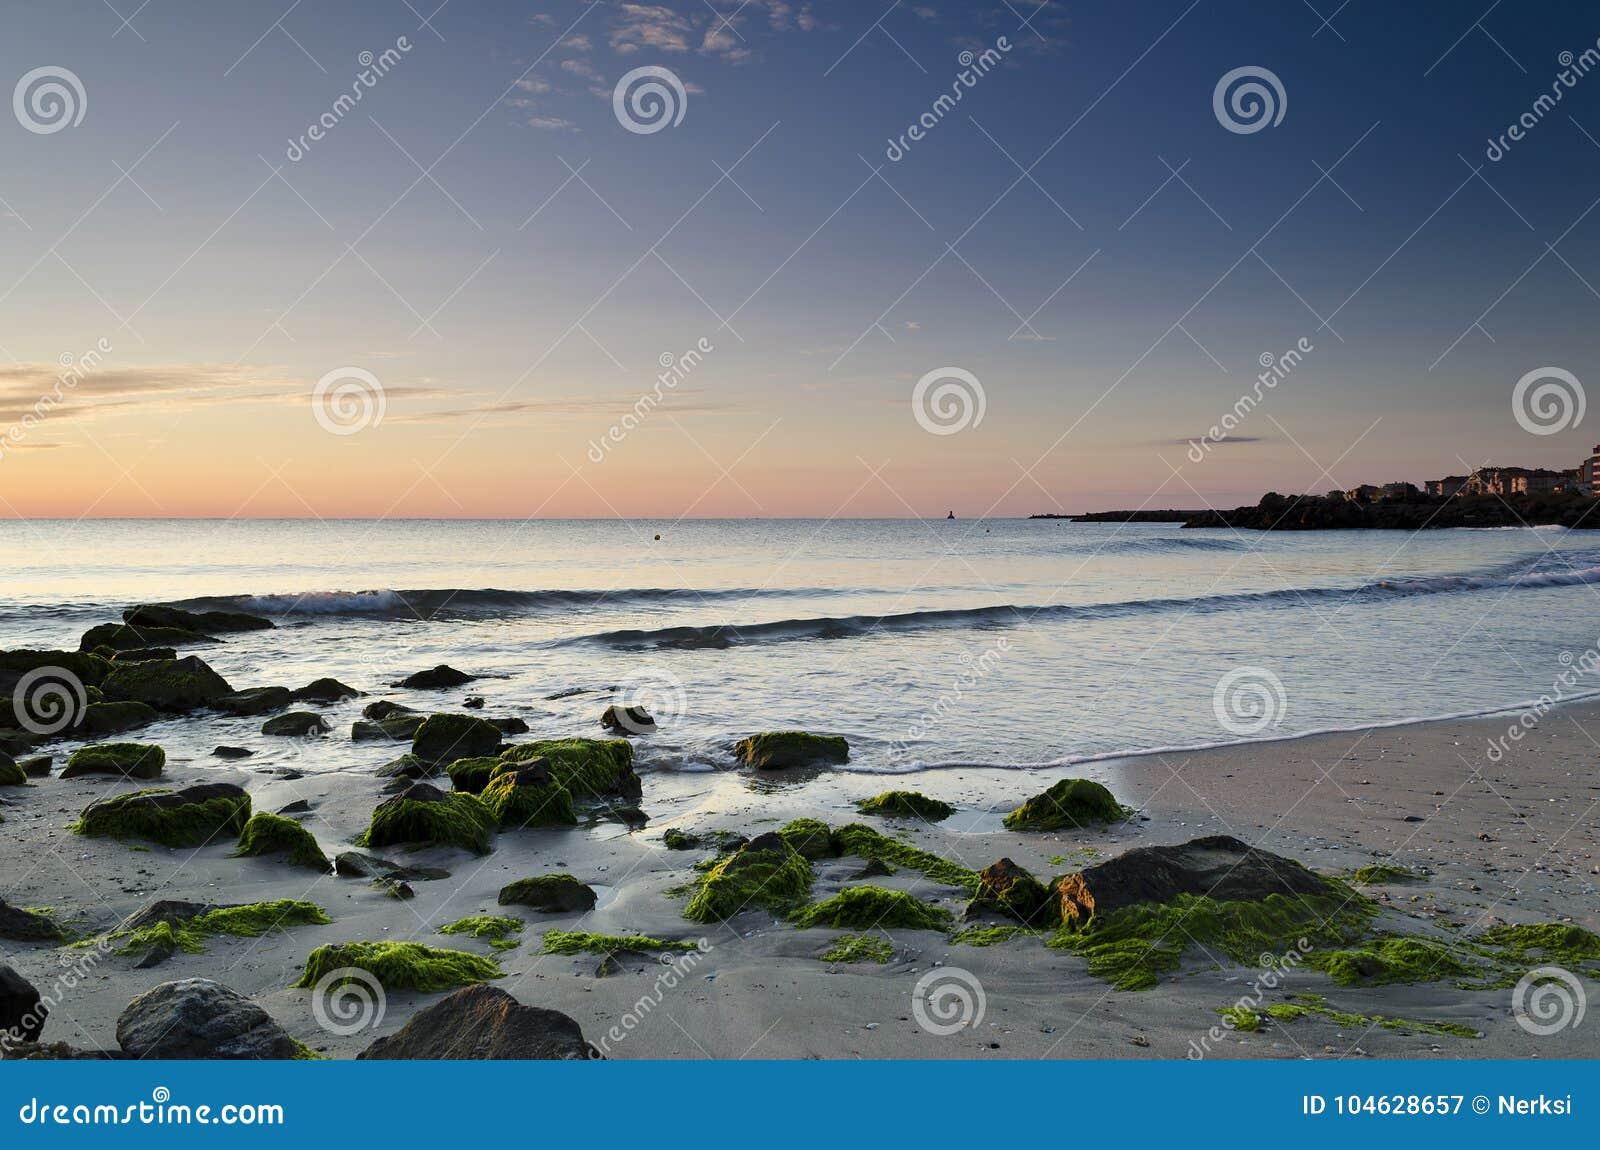 Download Zonsopgang Op Het Strand In Pomorie Stock Afbeelding - Afbeelding bestaande uit sinaasappel, zwart: 104628657